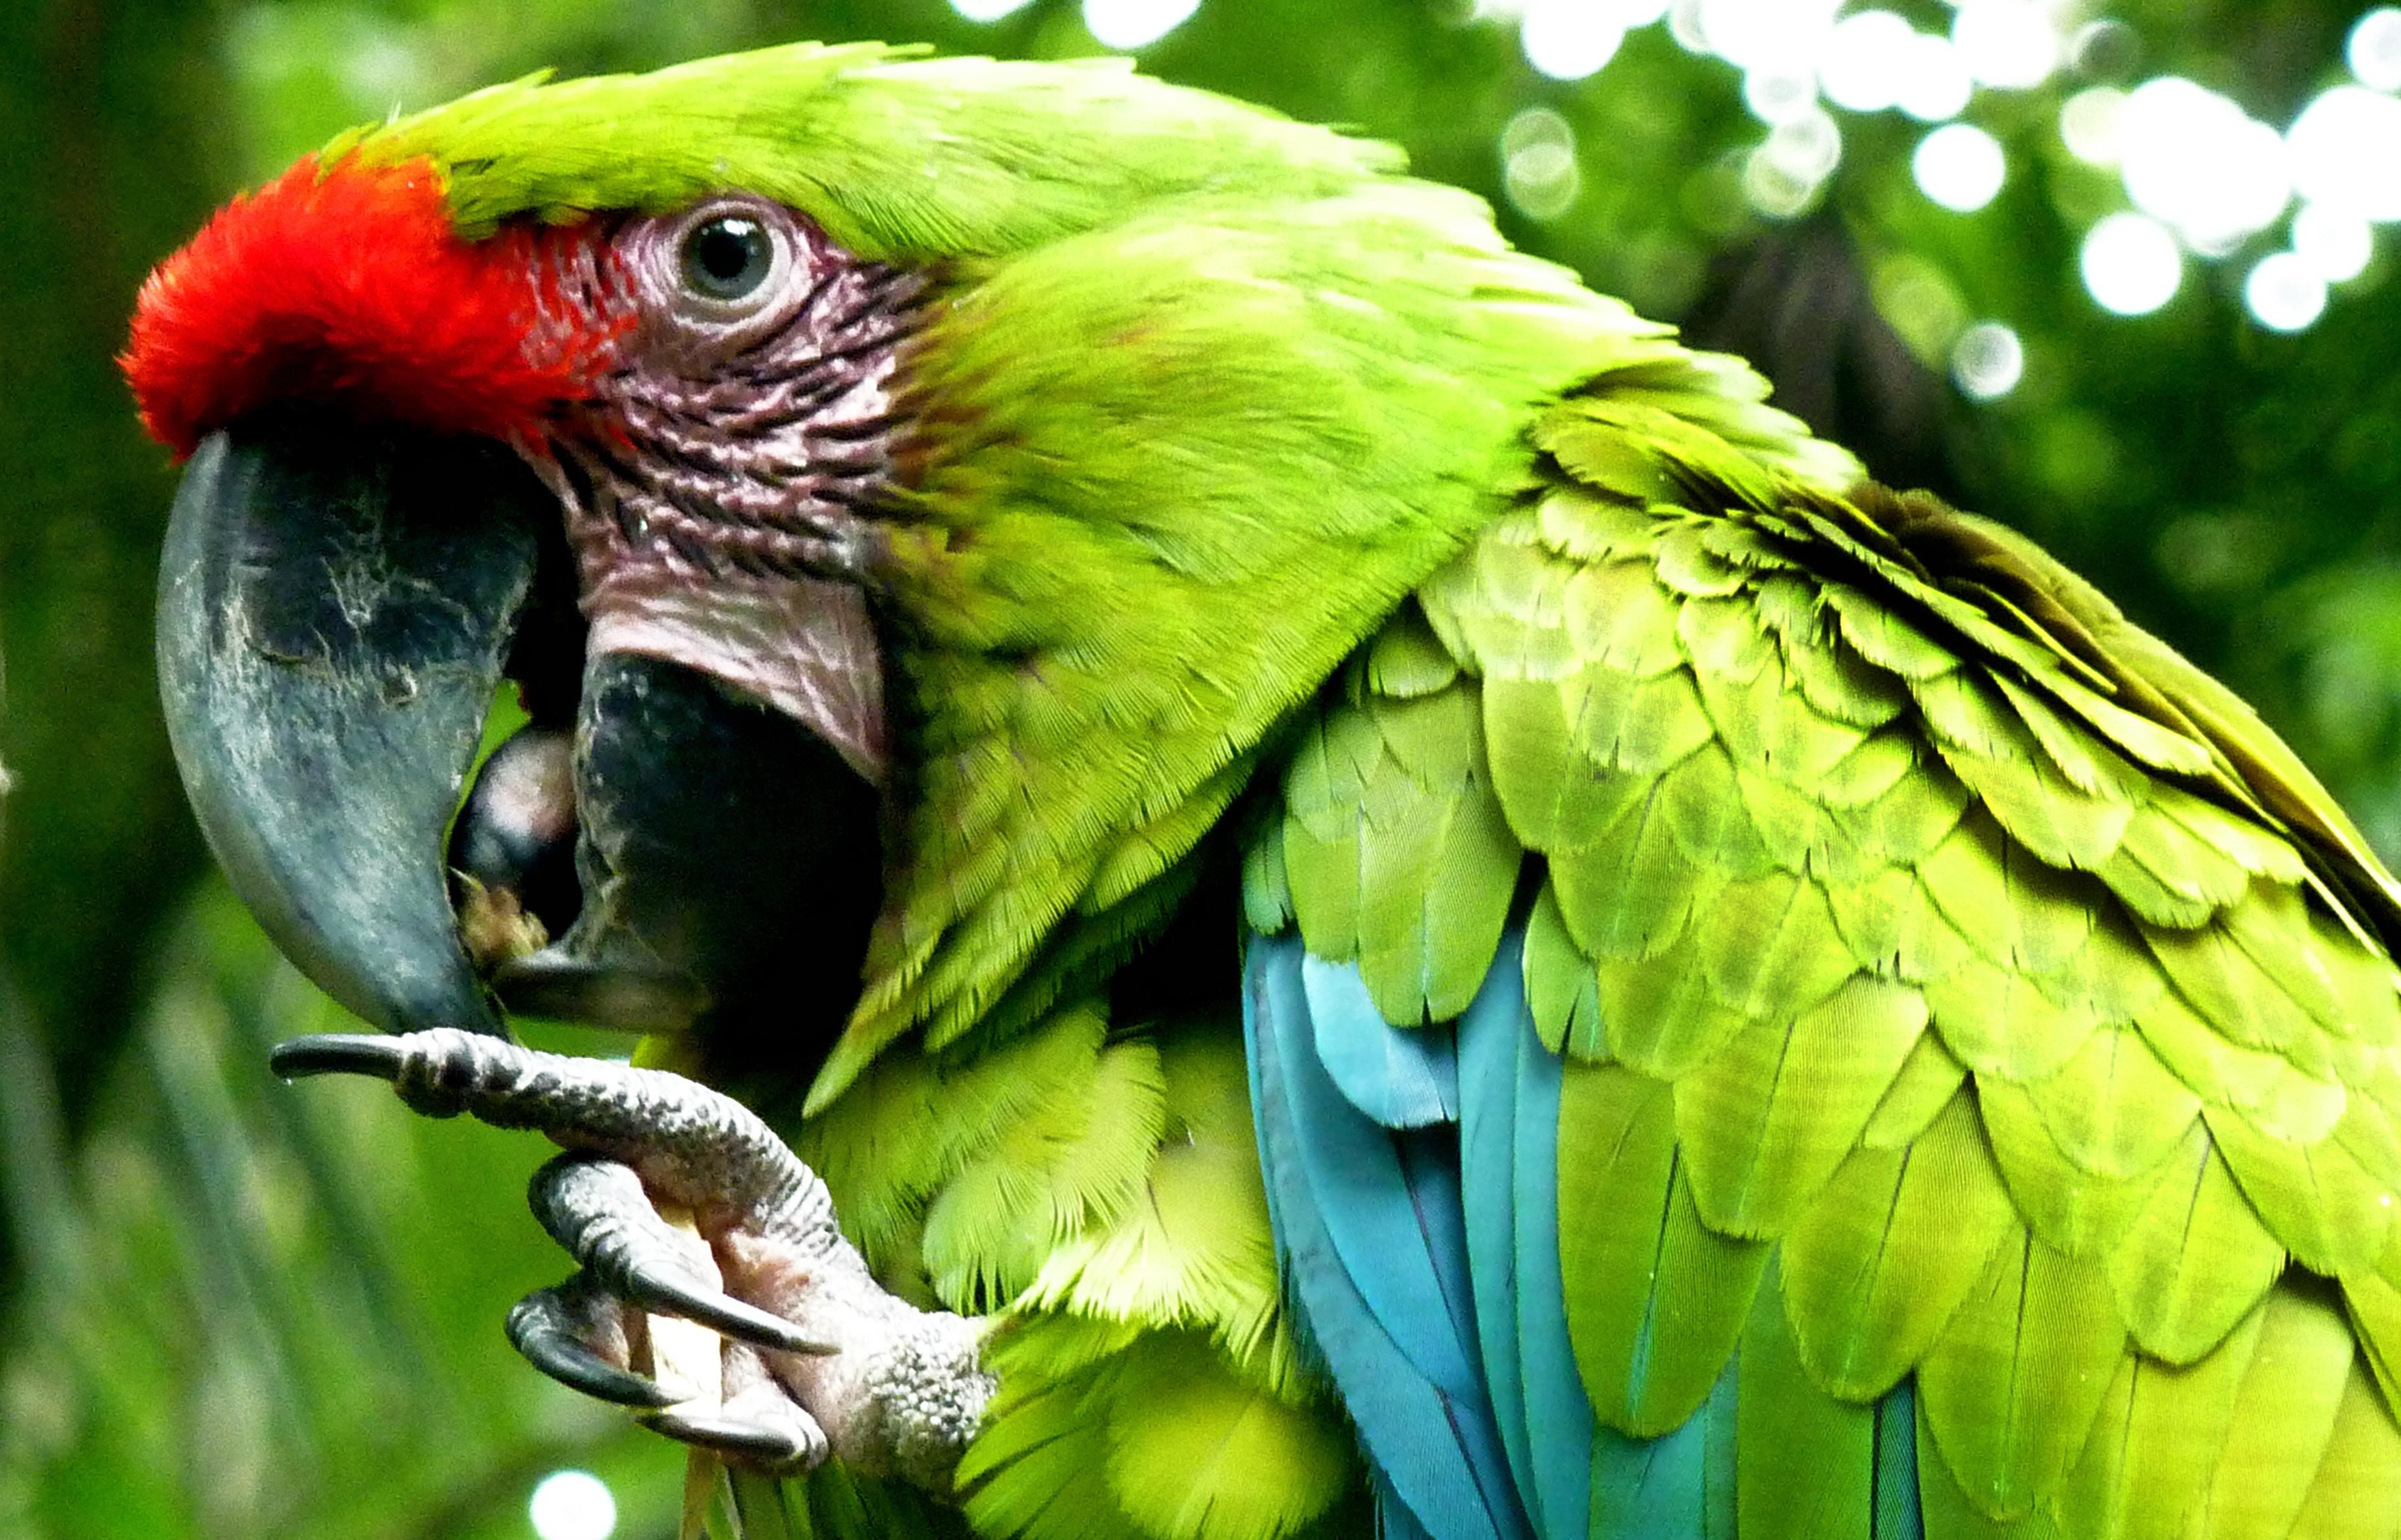 красивый зеленый попугай, скачать фото, обои на рабочий стол